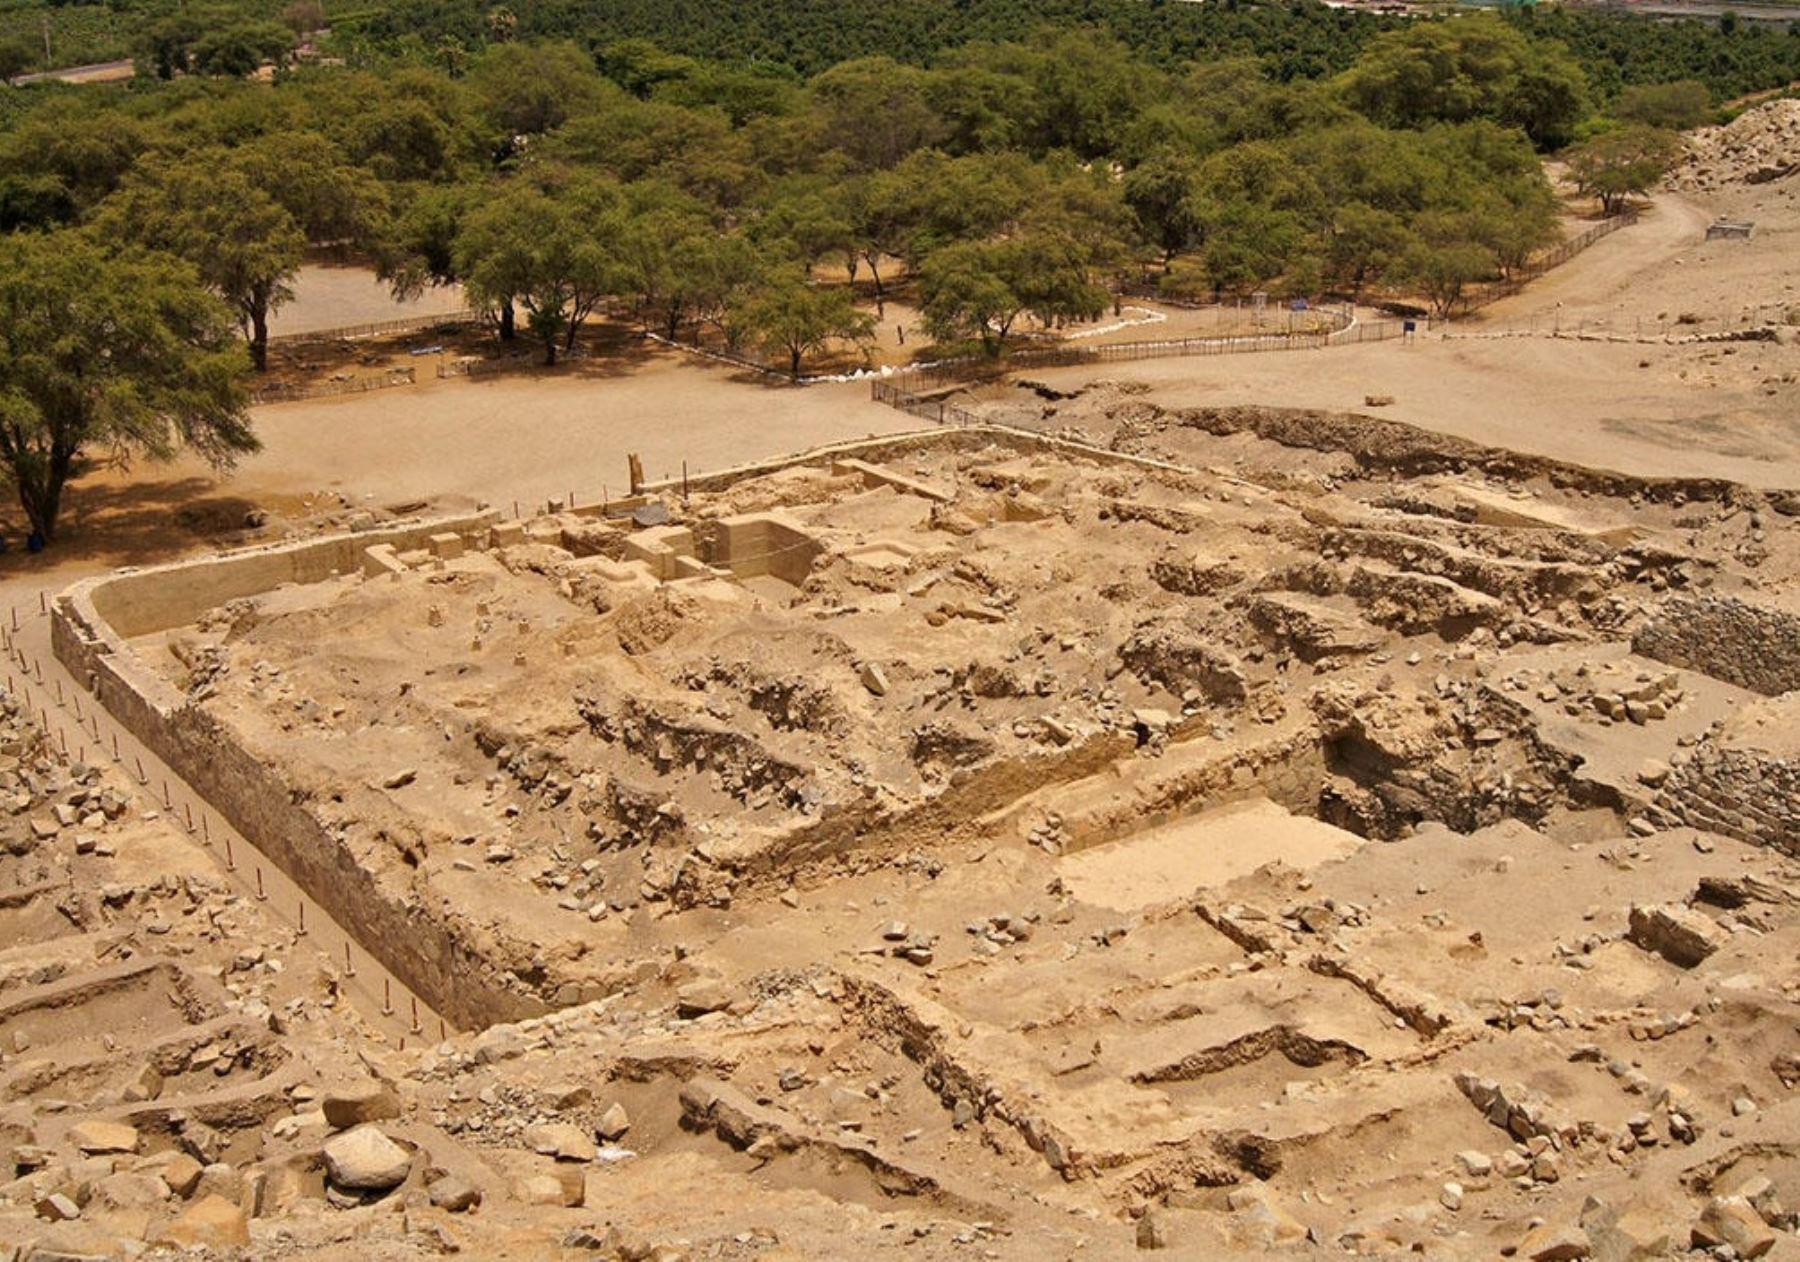 El complejo arqueológico y fortaleza de Sechín, ubicado también en la provincia de Casma, se encuentra a 13 kilómetros del océano Pacifico.